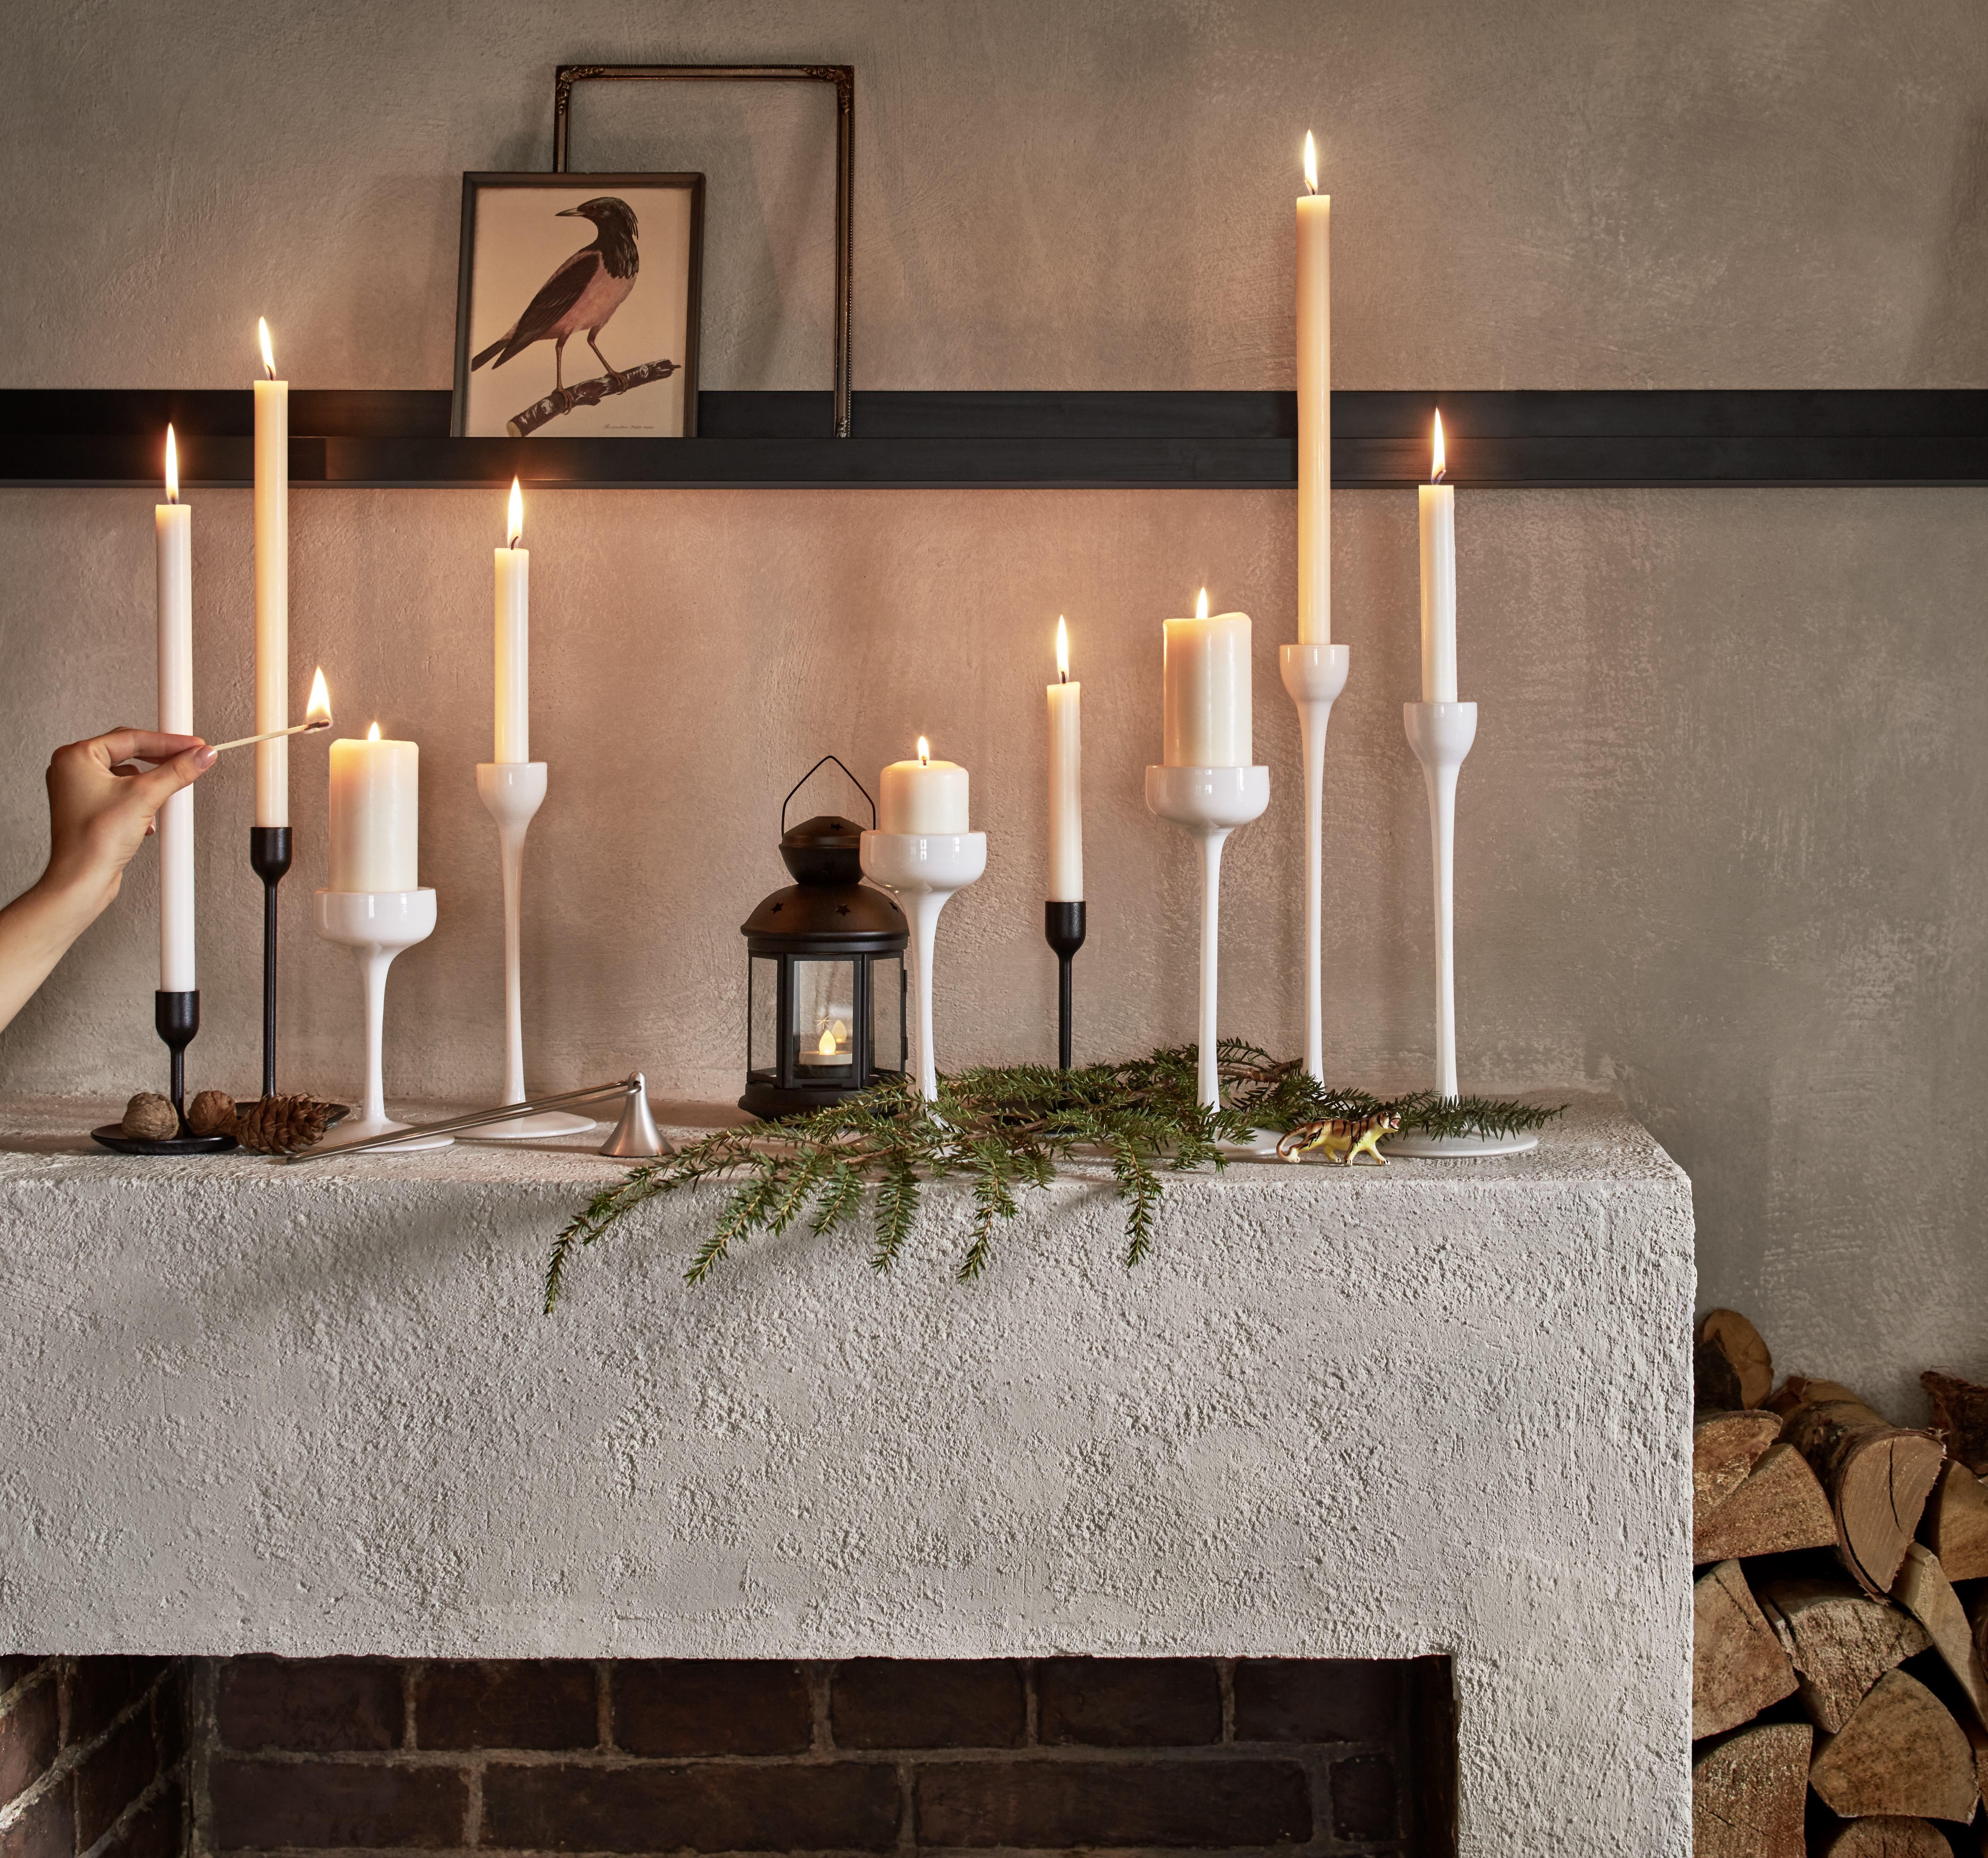 Weihnachtsessen Zu Zweit.Kerzenhalter 3 St Blomster Weiß Gemütliche Weihnachten Ikea